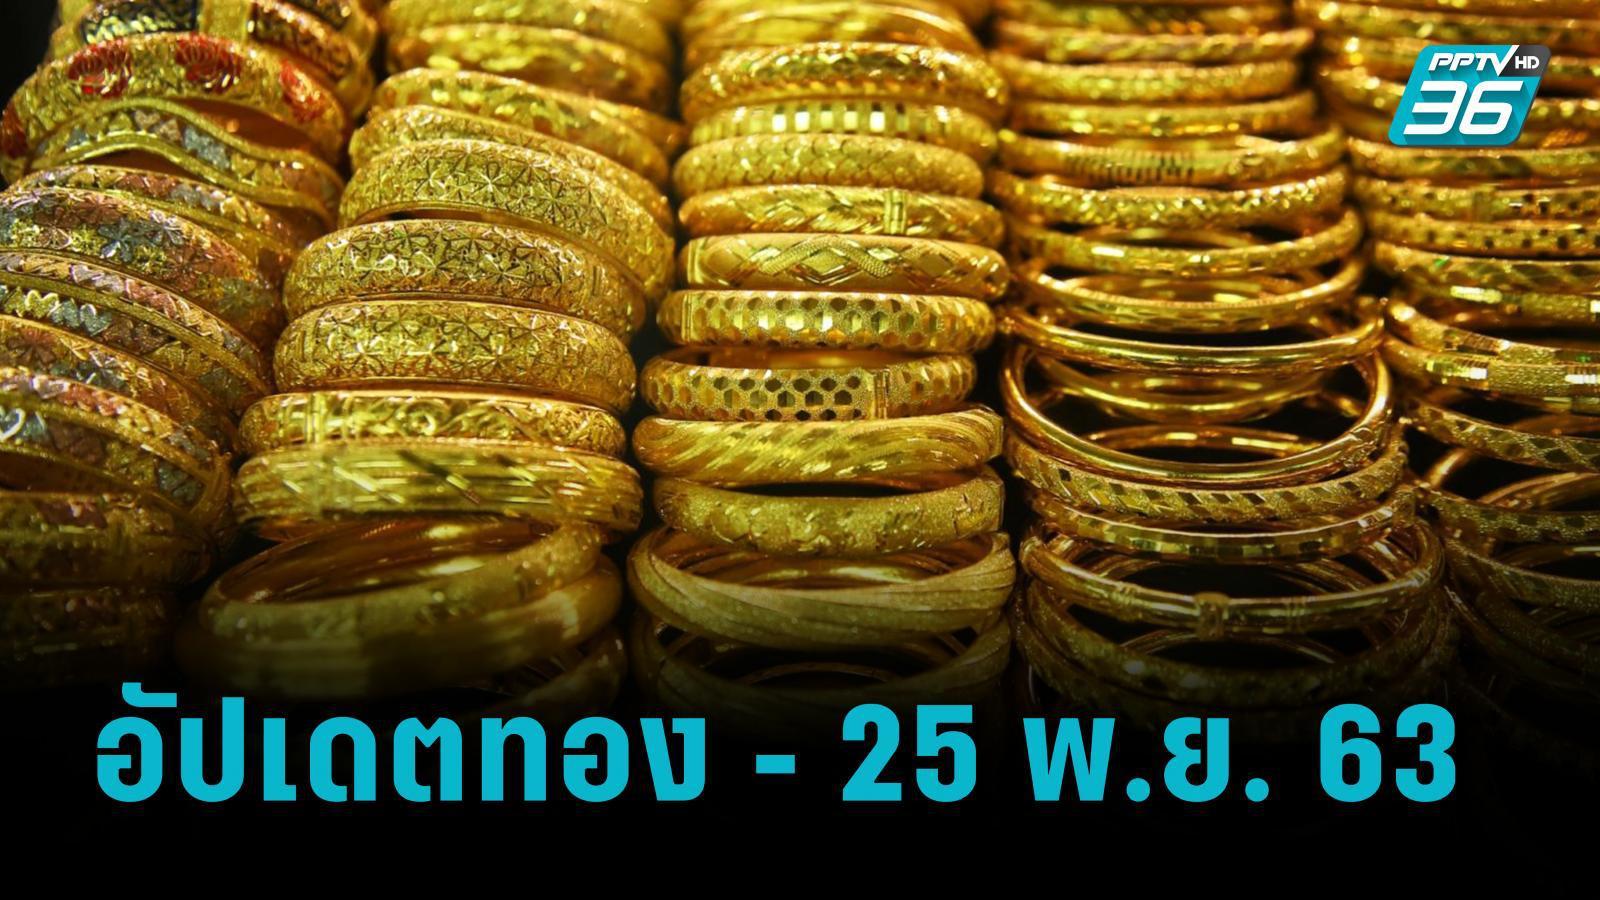 ราคาทองวันนี้ – 25 พ.ย. 63 ปรับราคา 3 ครั้ง